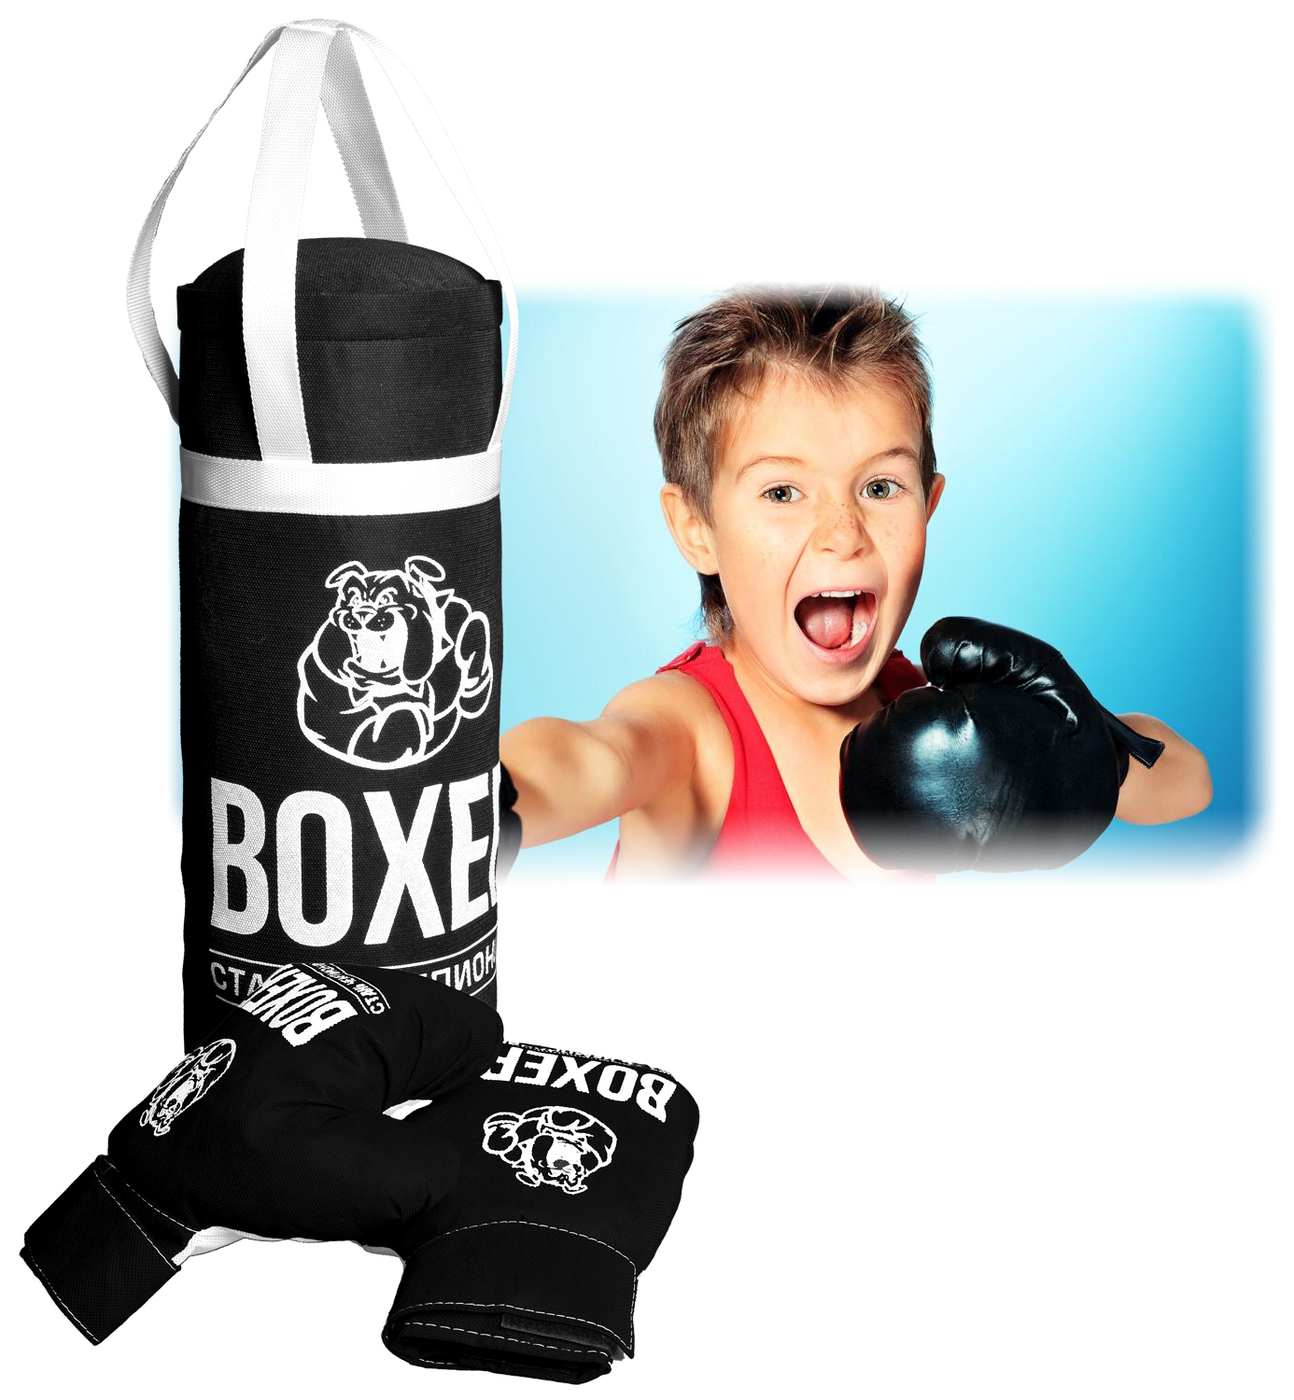 Игровой набор для бокса Leader детский, груша и боксерские перчатки, текстильный Детский бокс Черный